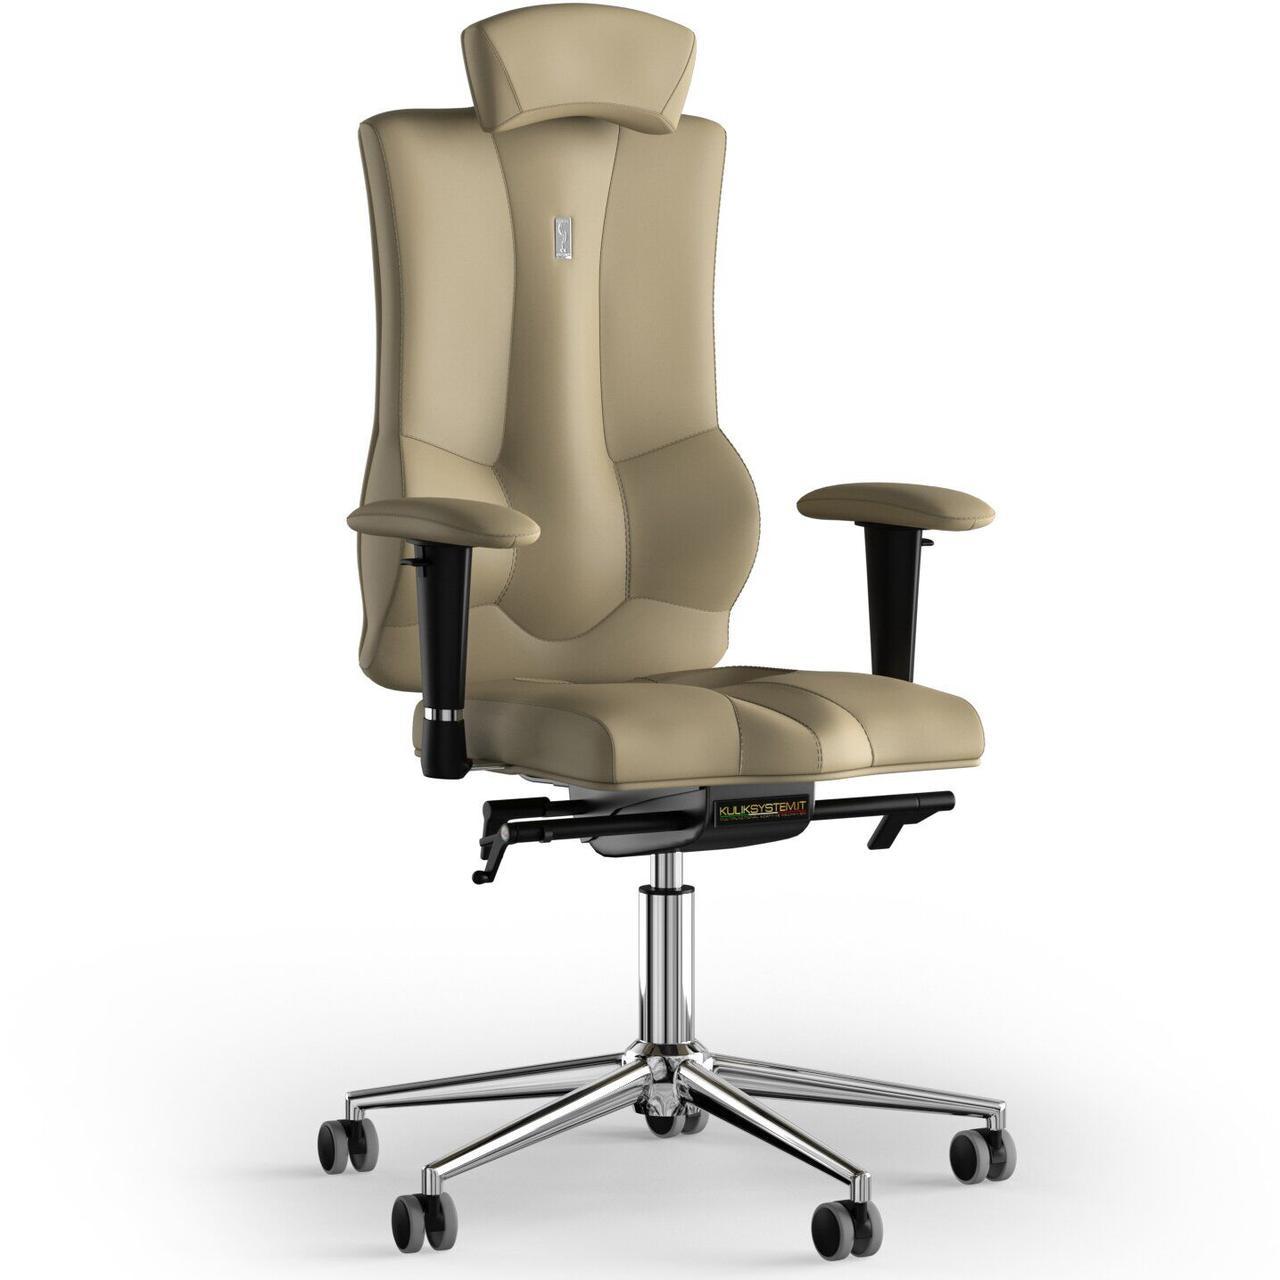 Кресло KULIK SYSTEM ELEGANCE Экокожа с подголовником без строчки Песочный (10-901-BS-MC-0212)